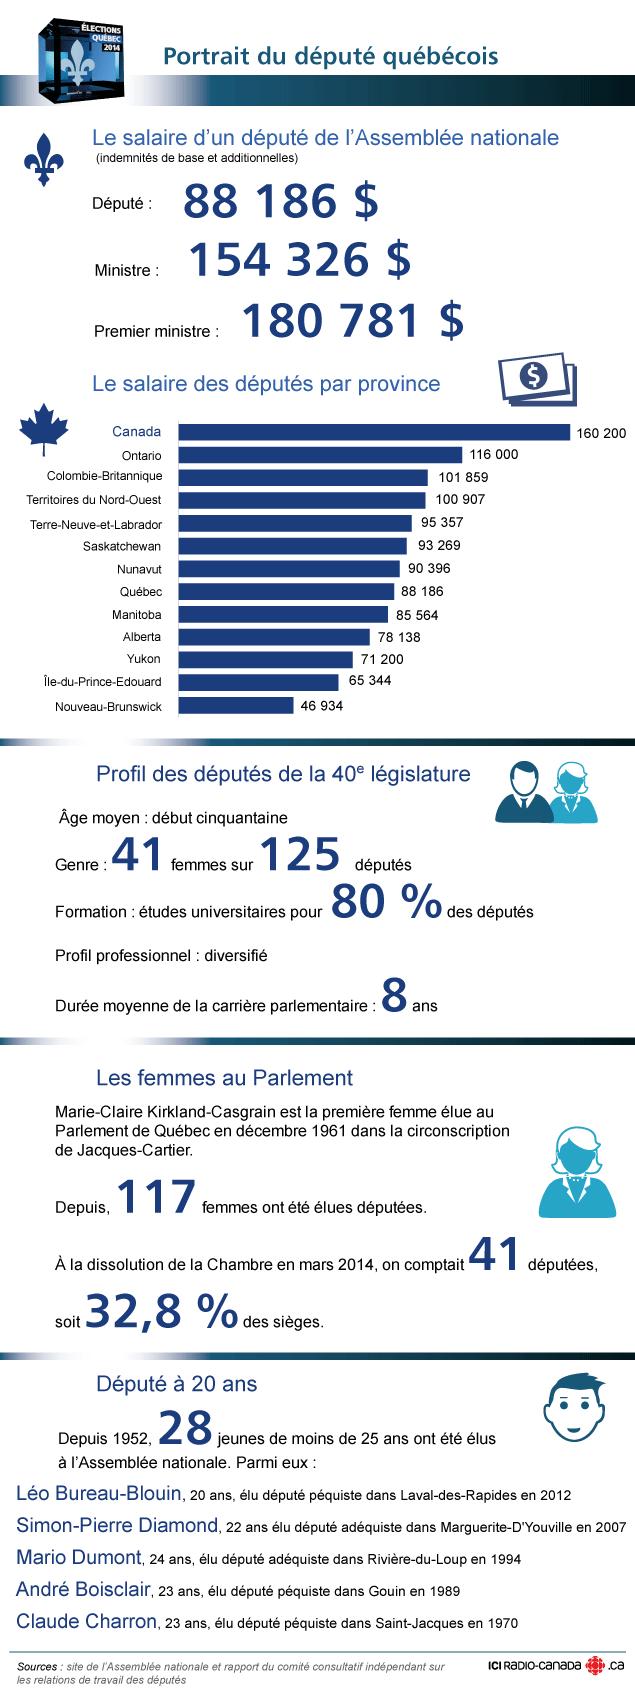 Le portrait du député québécois